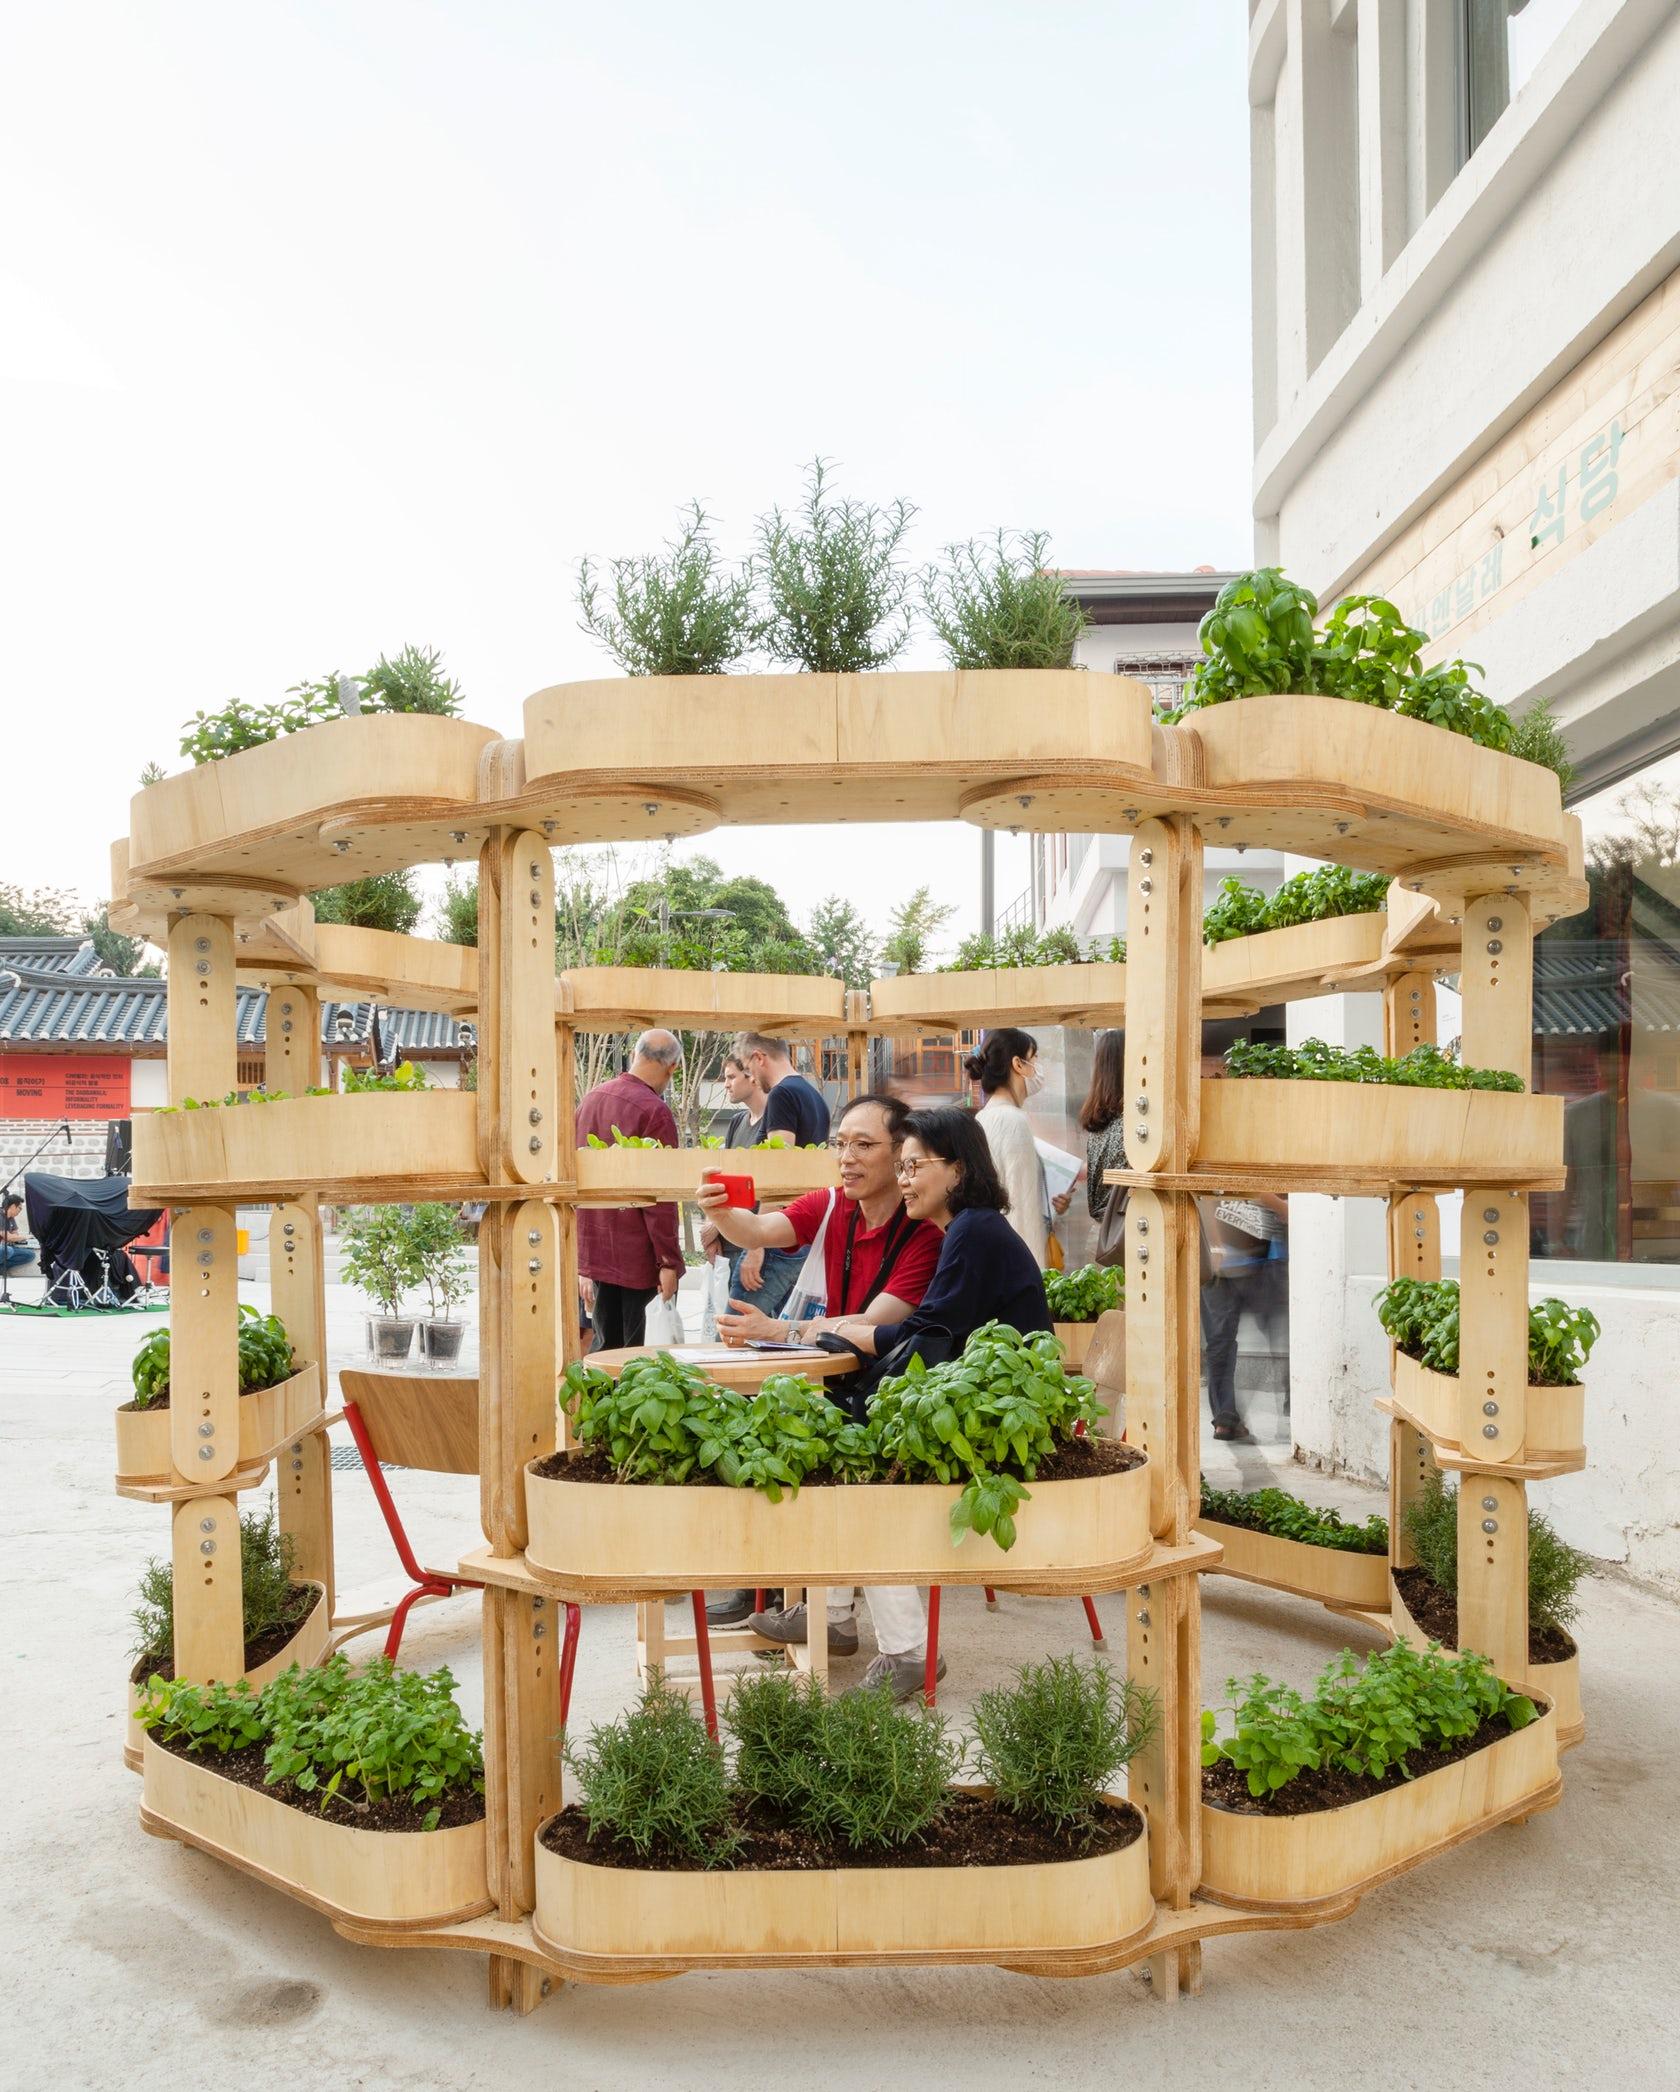 Modular de la jardinería urbana sistema se pueden crear todo tipo de macetas - Frenó 4